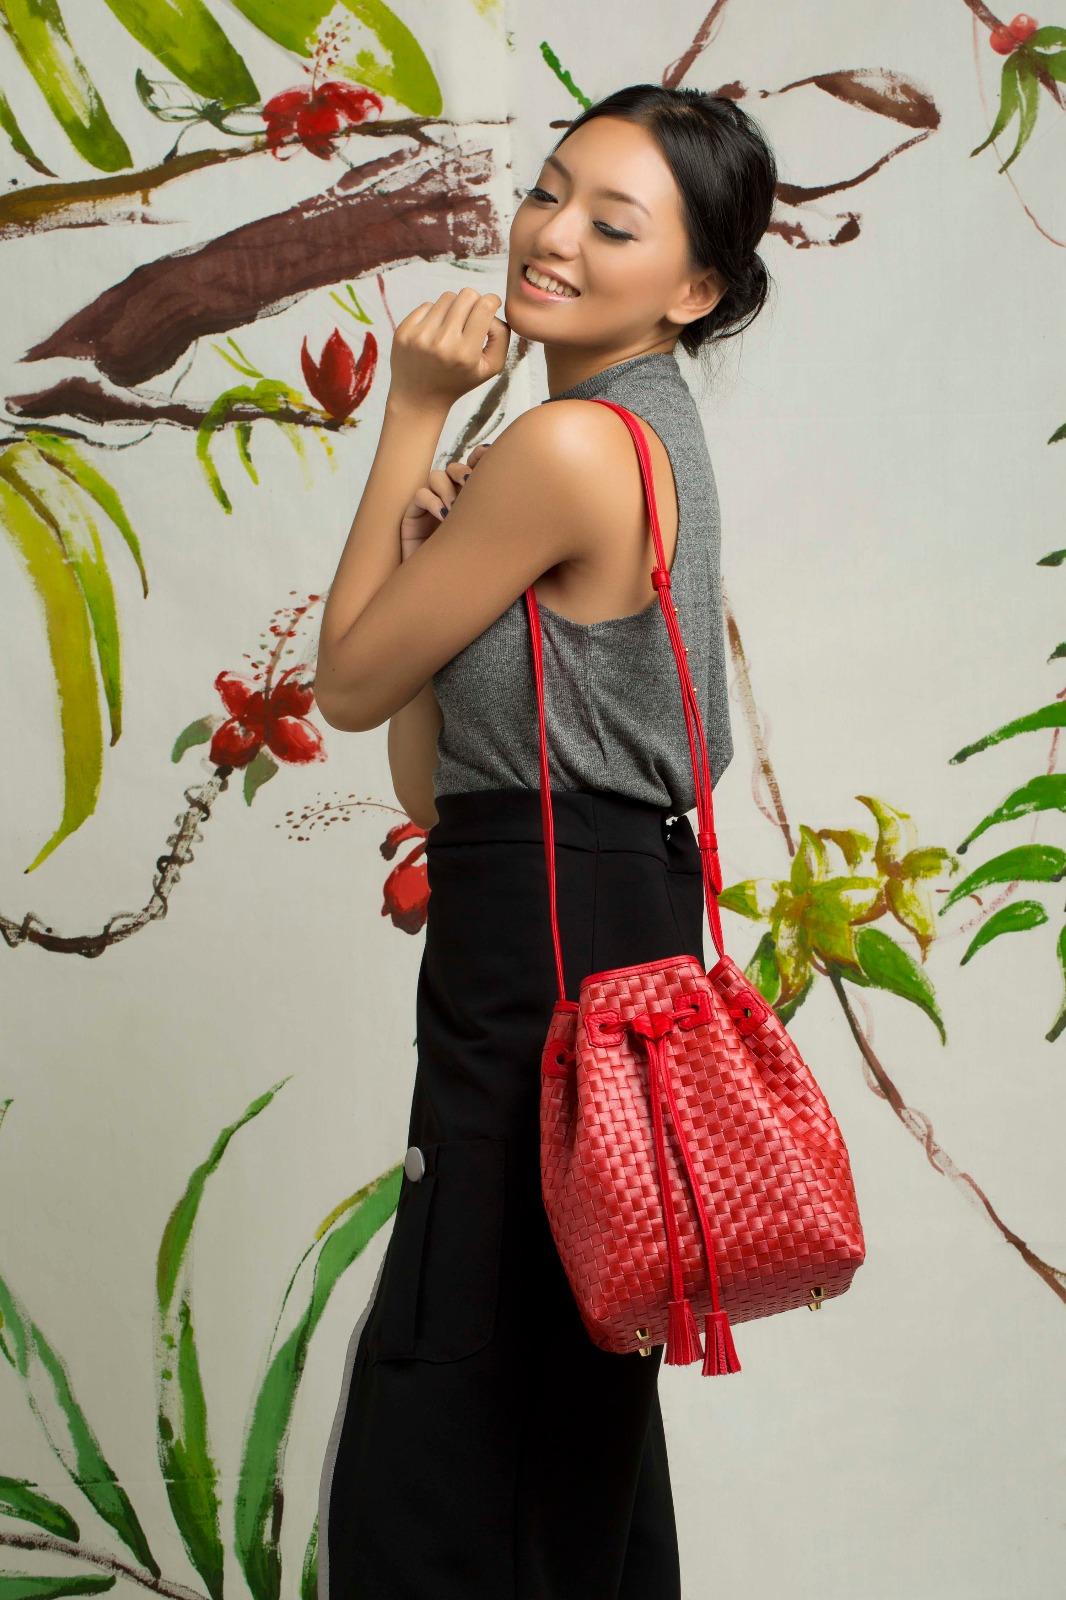 Foto: Model sedang mempragakan tas Chameo Couture/Dok: indotrading.com